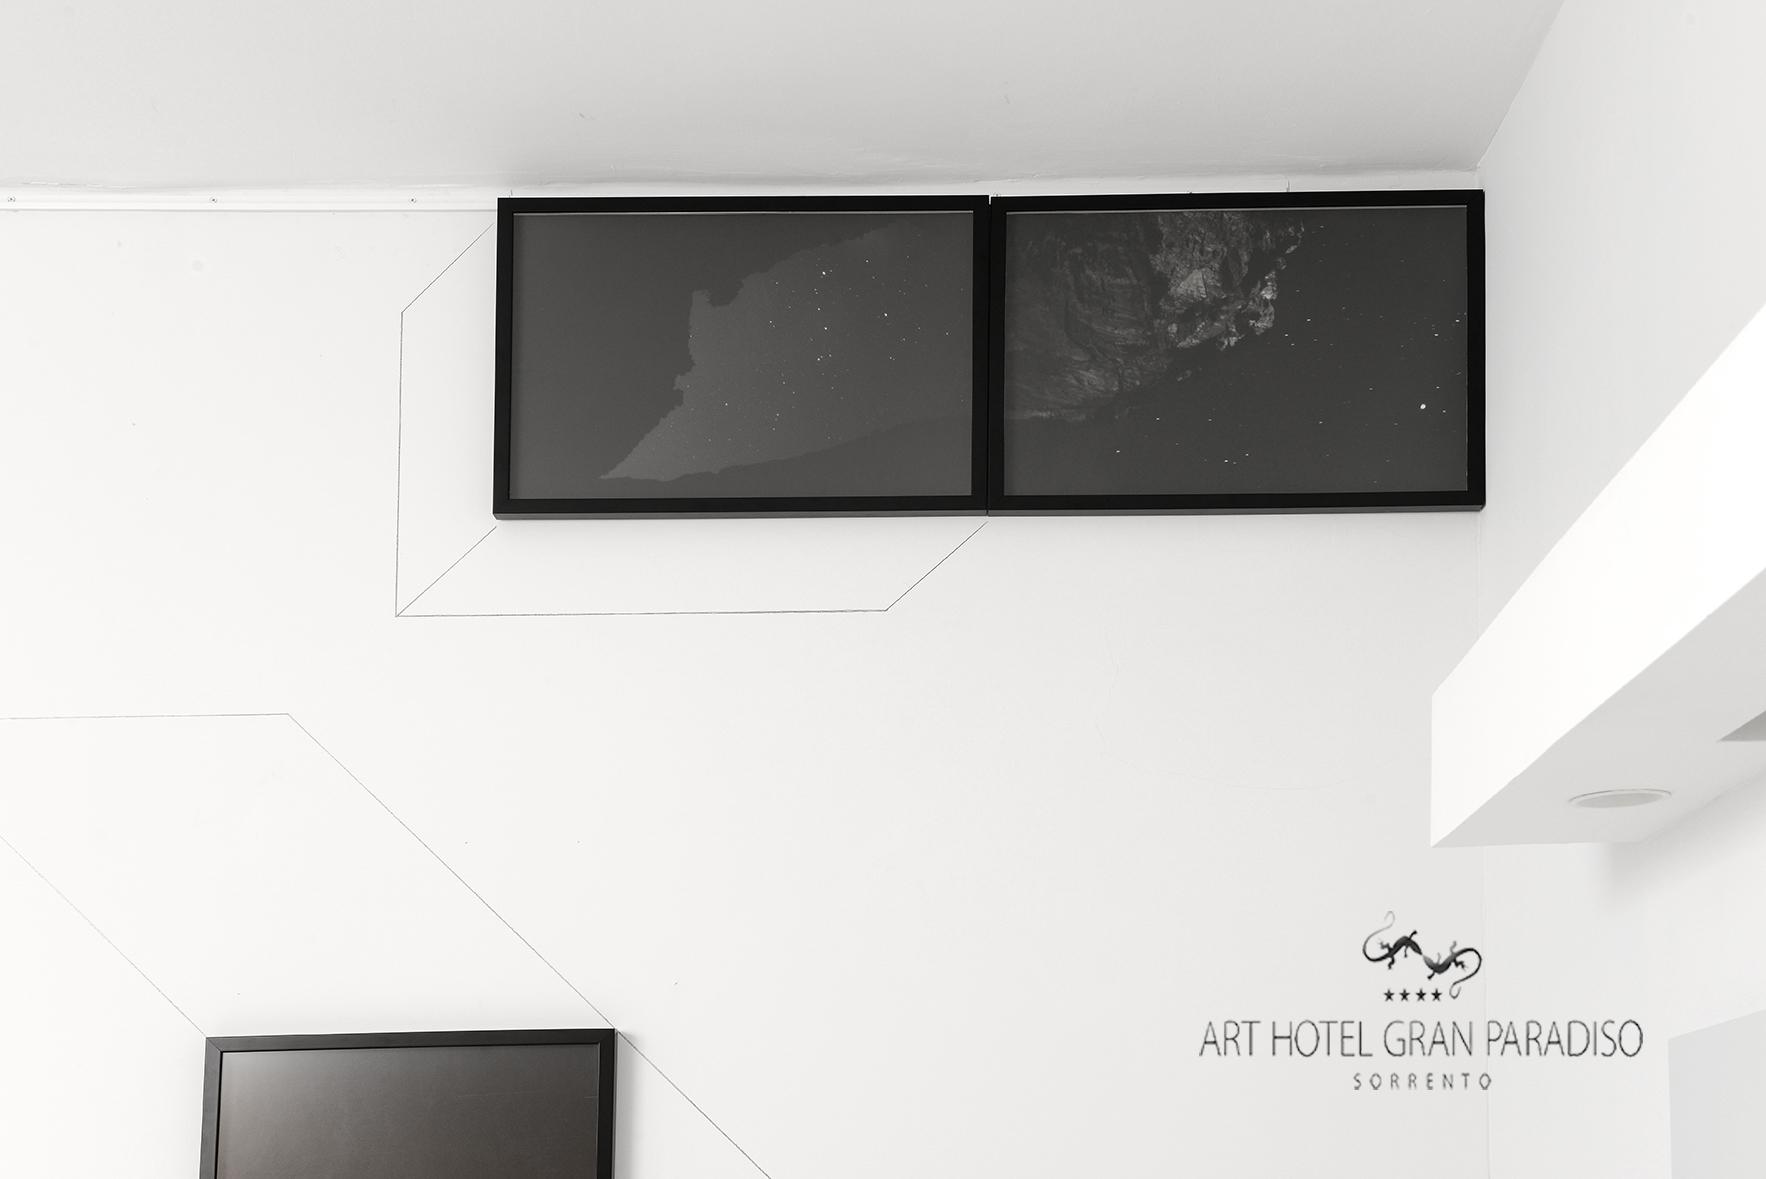 Art_Hotel_Gran_Paradiso_2013_403_Aurelio_Andrighetto_2.jpg